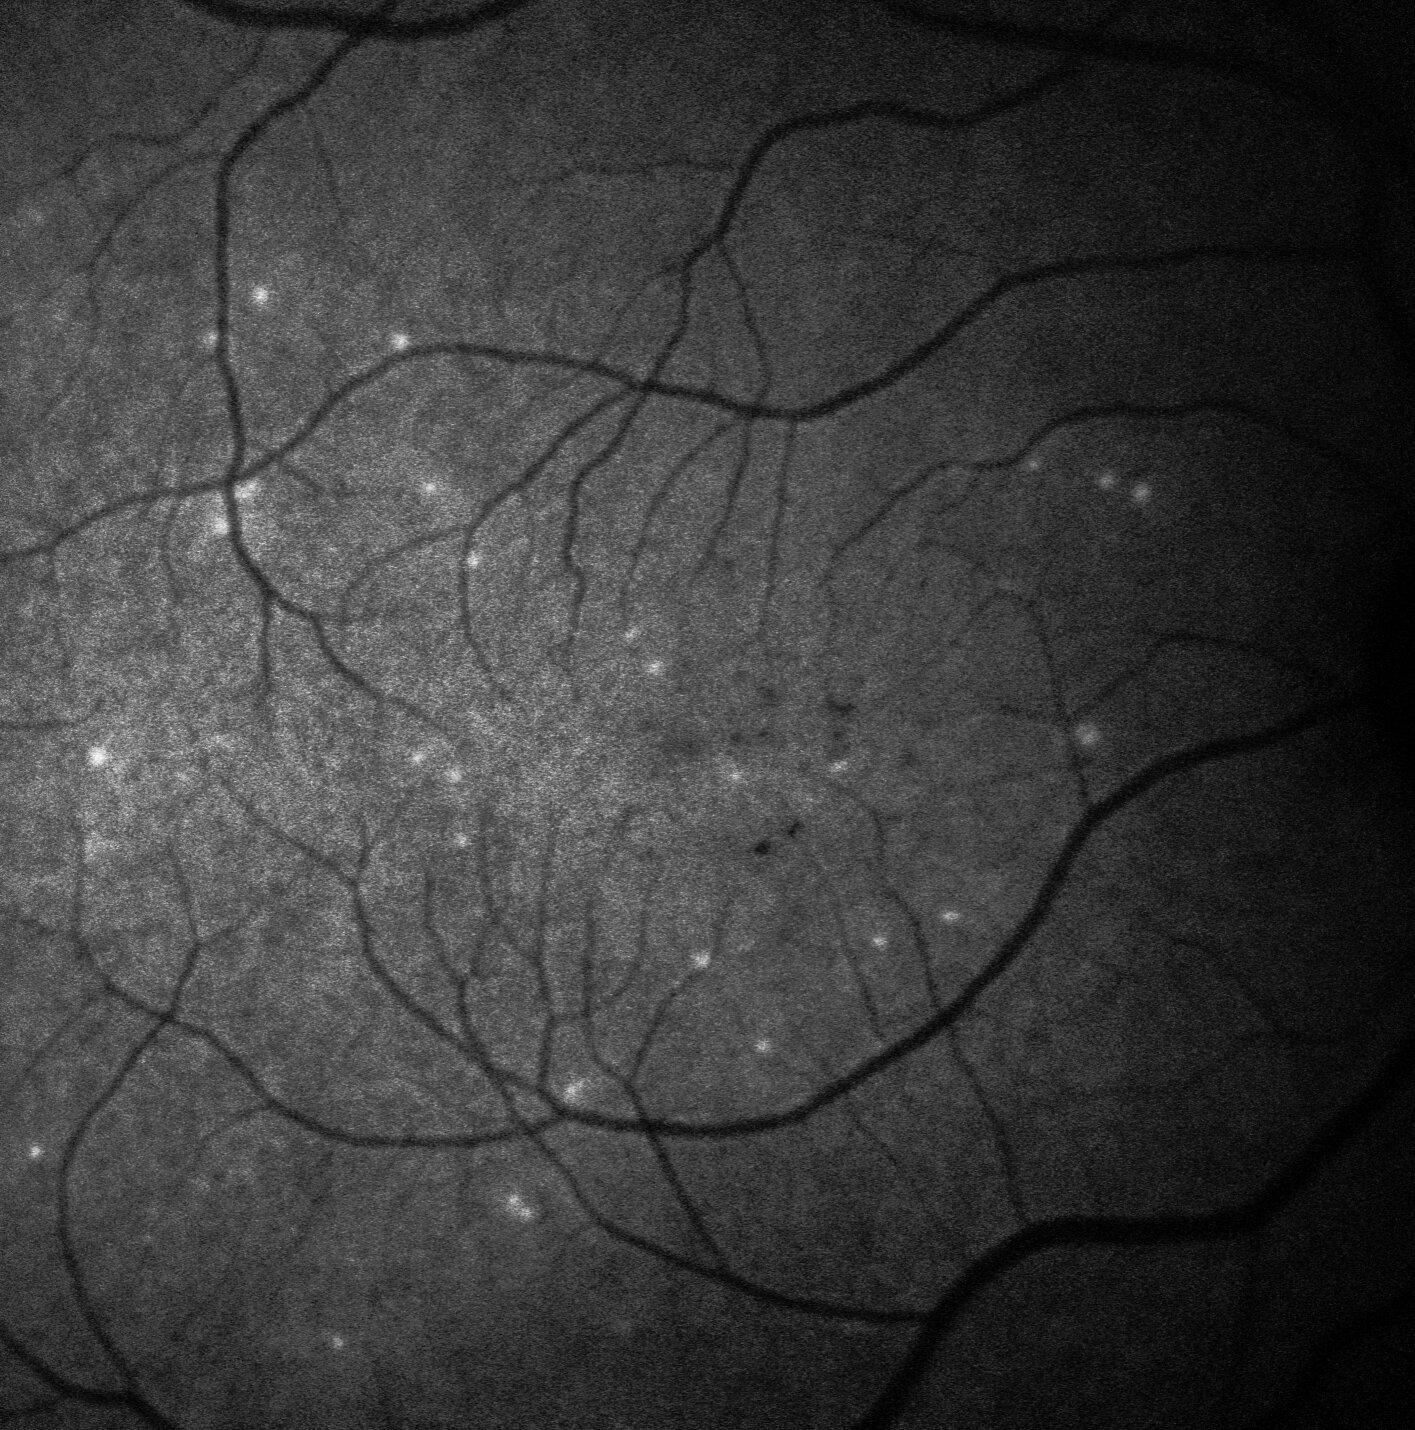 Искусственный интеллект помог диагностировать прогрессирующую глаукому